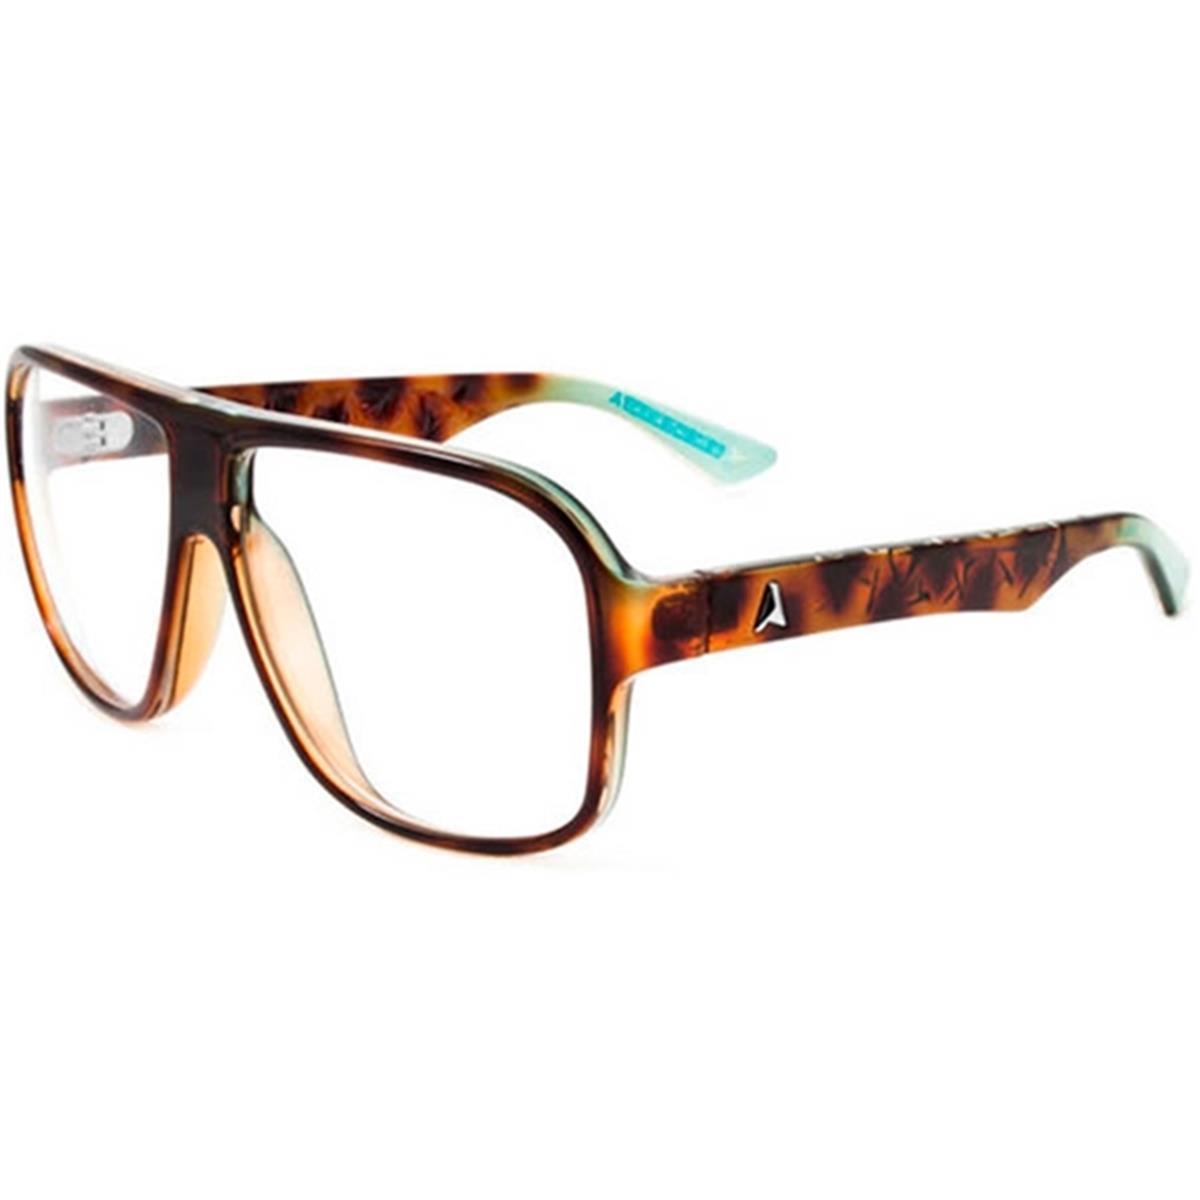 8547ebb6104e7 4361740 armacao-para-oculos-marron-calixtin-2545559960-absurda Z1.jpg